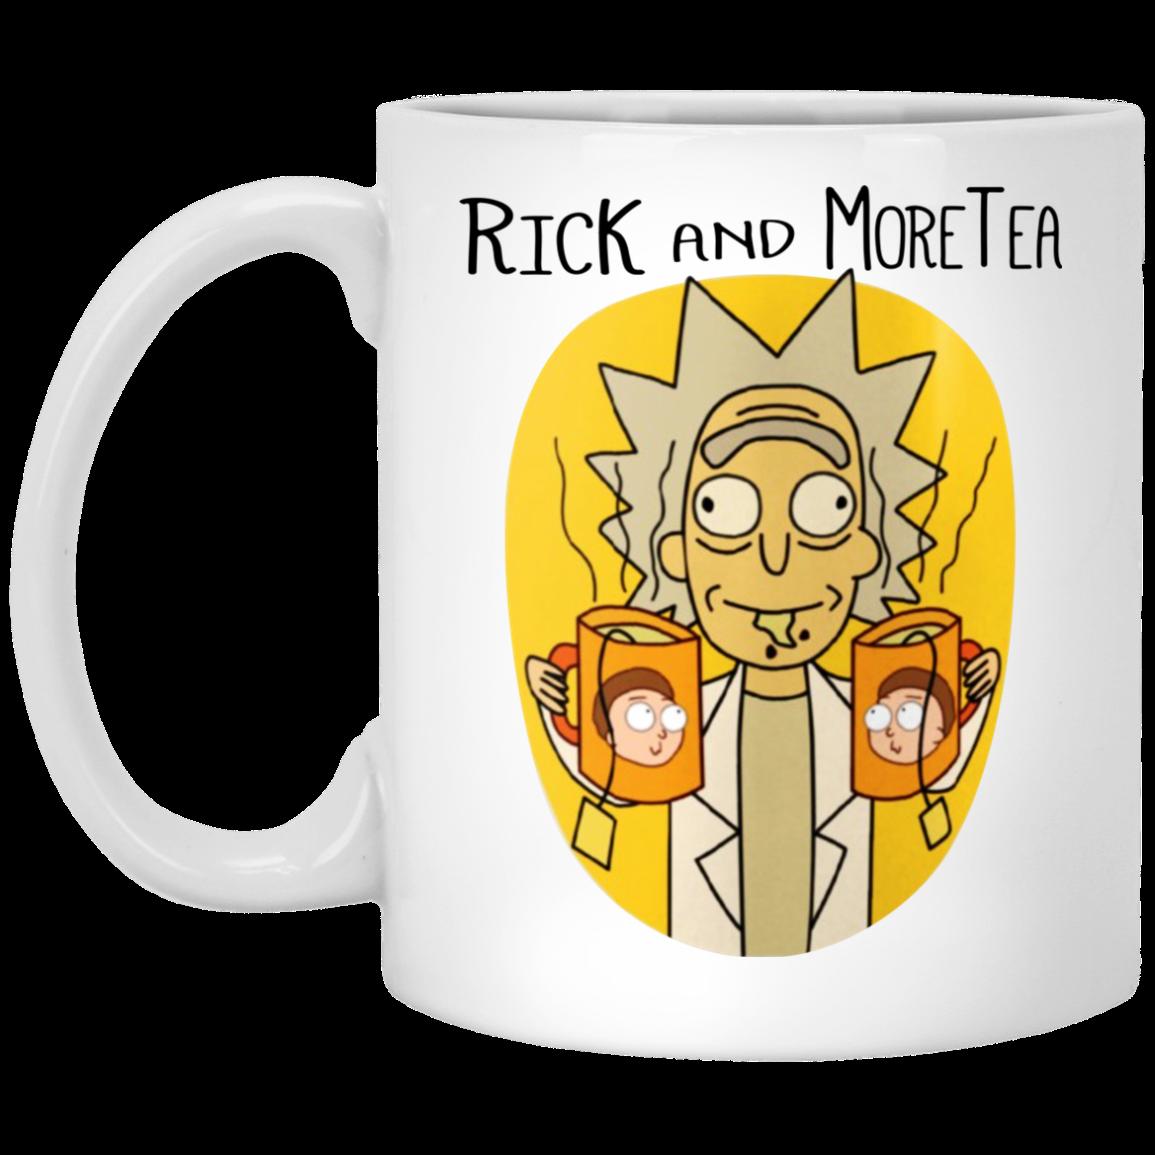 Rick And More Tea Mugs #teamugs